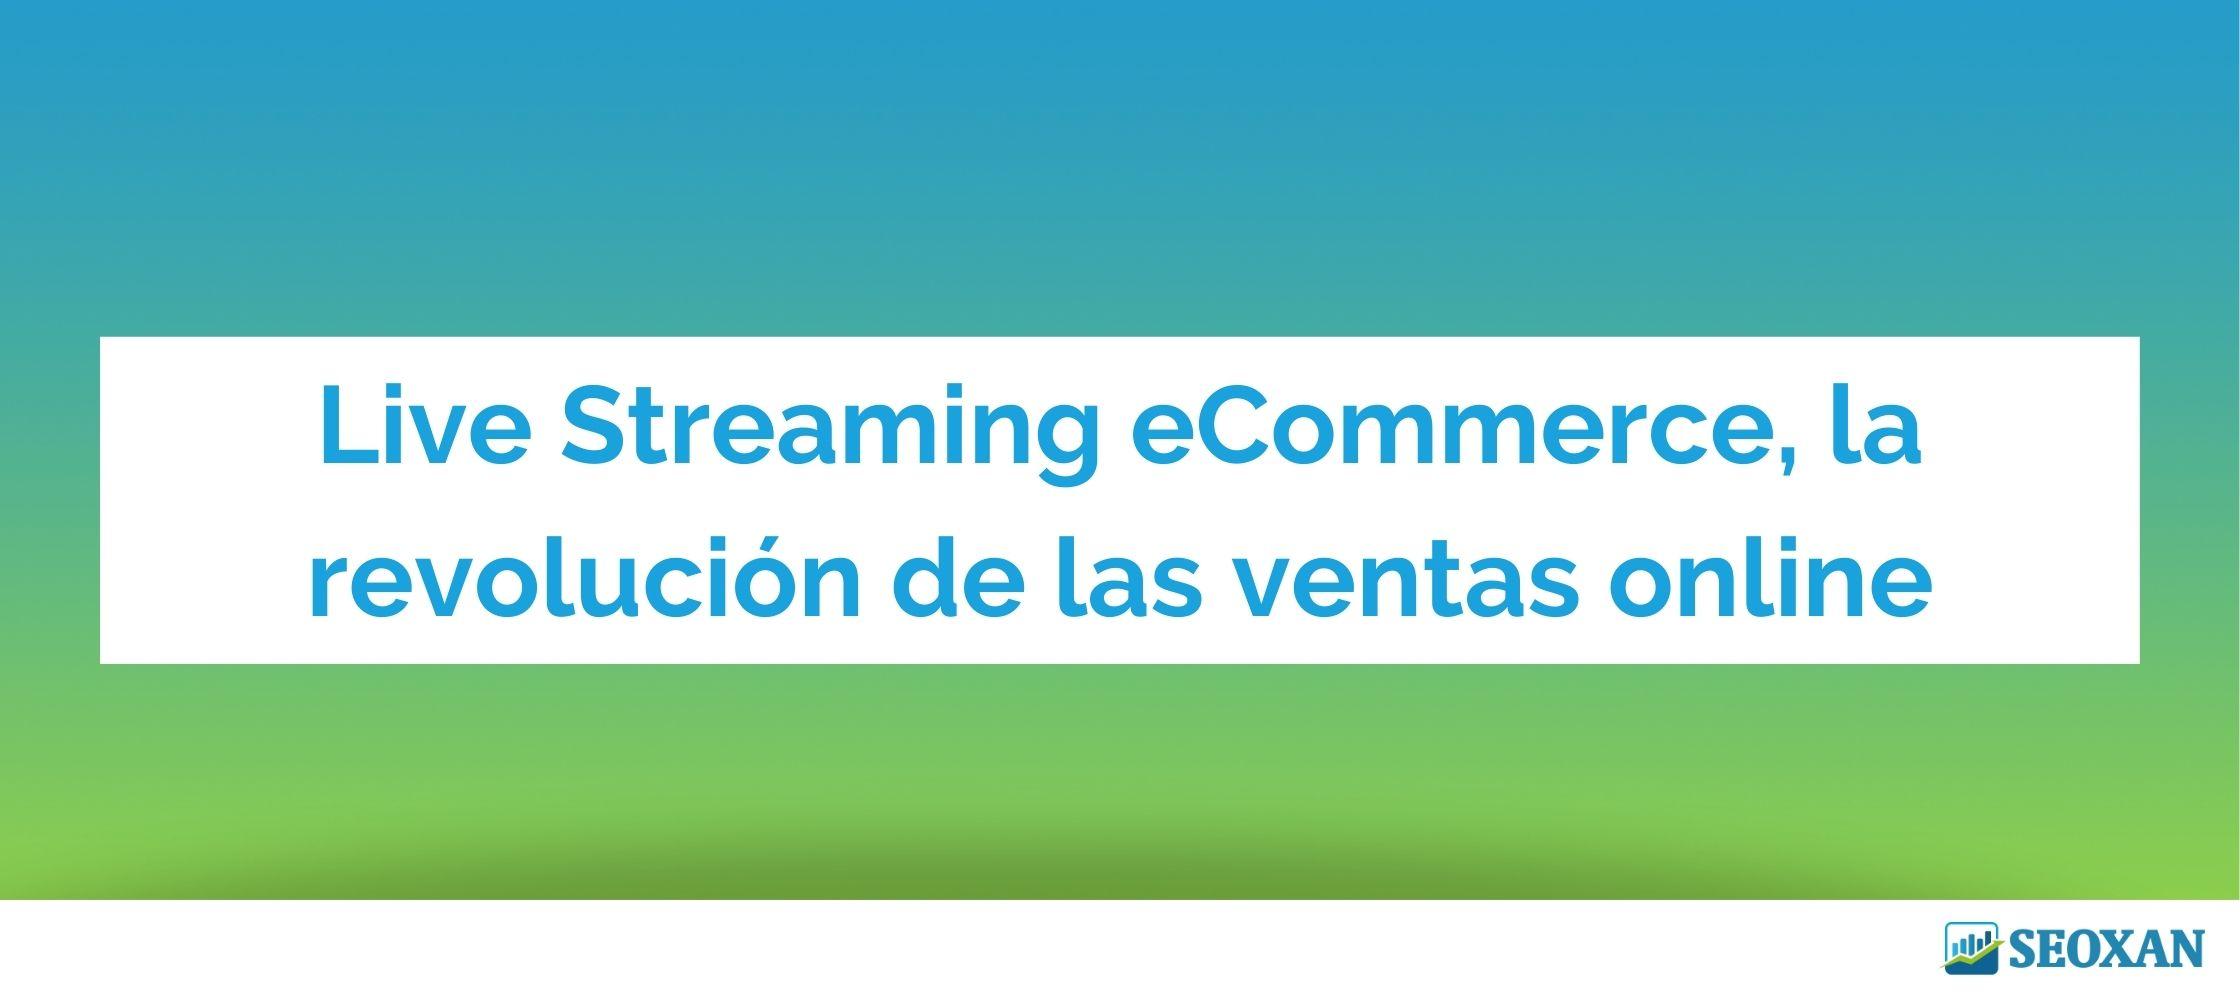 Live Streaming eCommerce, la revolución de las ventas online